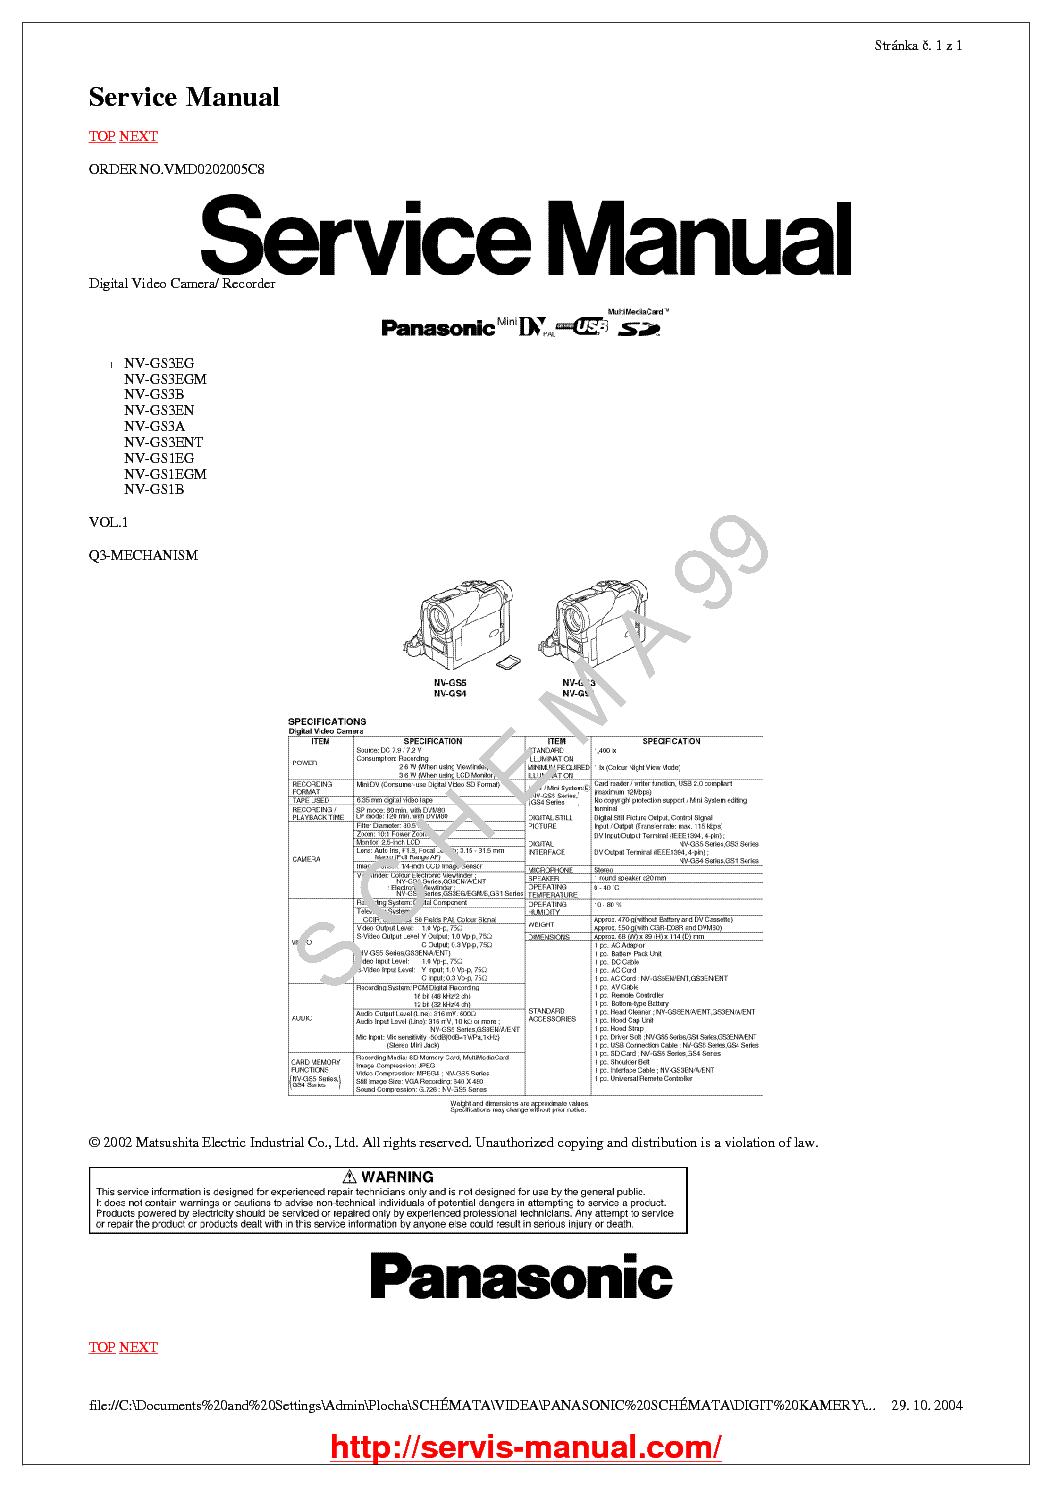 Panasonic Manual Download